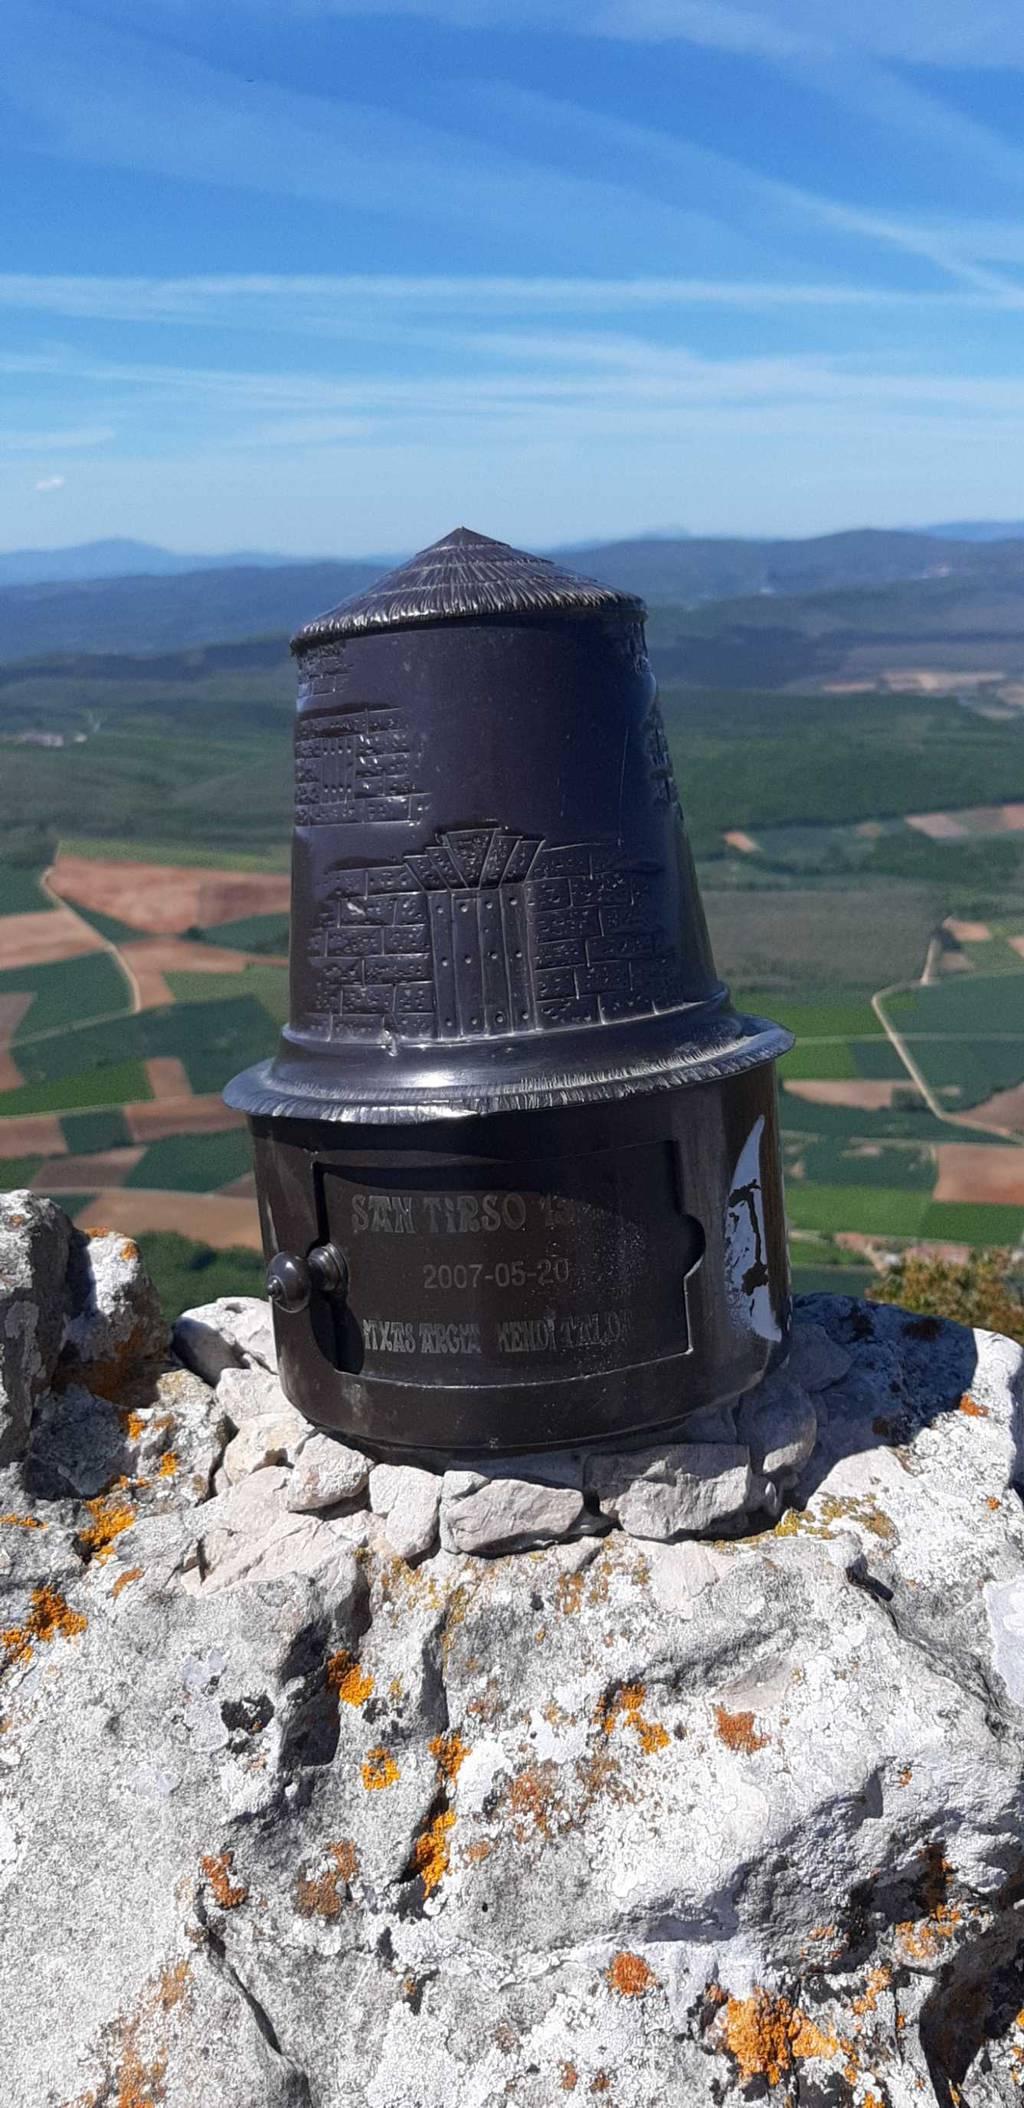 Irrintzi L erabiltzailea San Tirso puntan, 2021-05-20 16:01